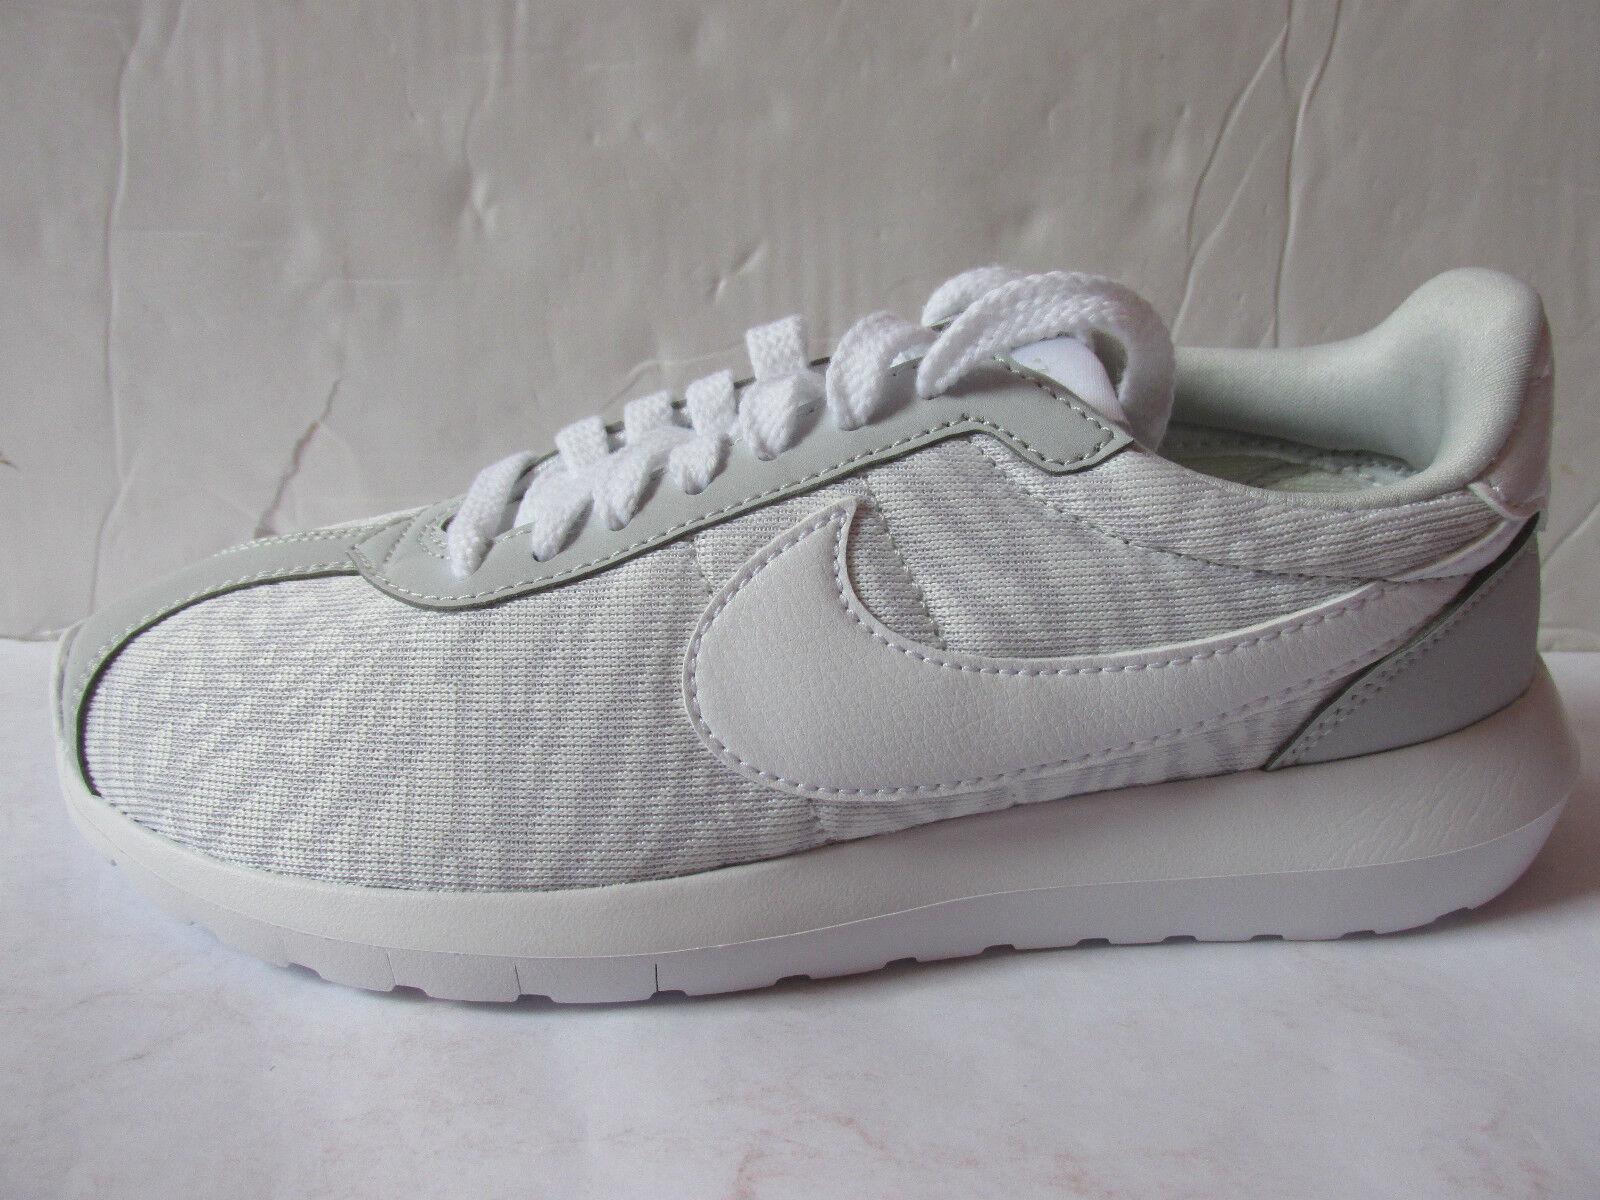 Nike Damen Roshe LD-1000 Kjcrd Turnschuhe 100 819845 100 Turnschuhe Turnschuhe b613ff